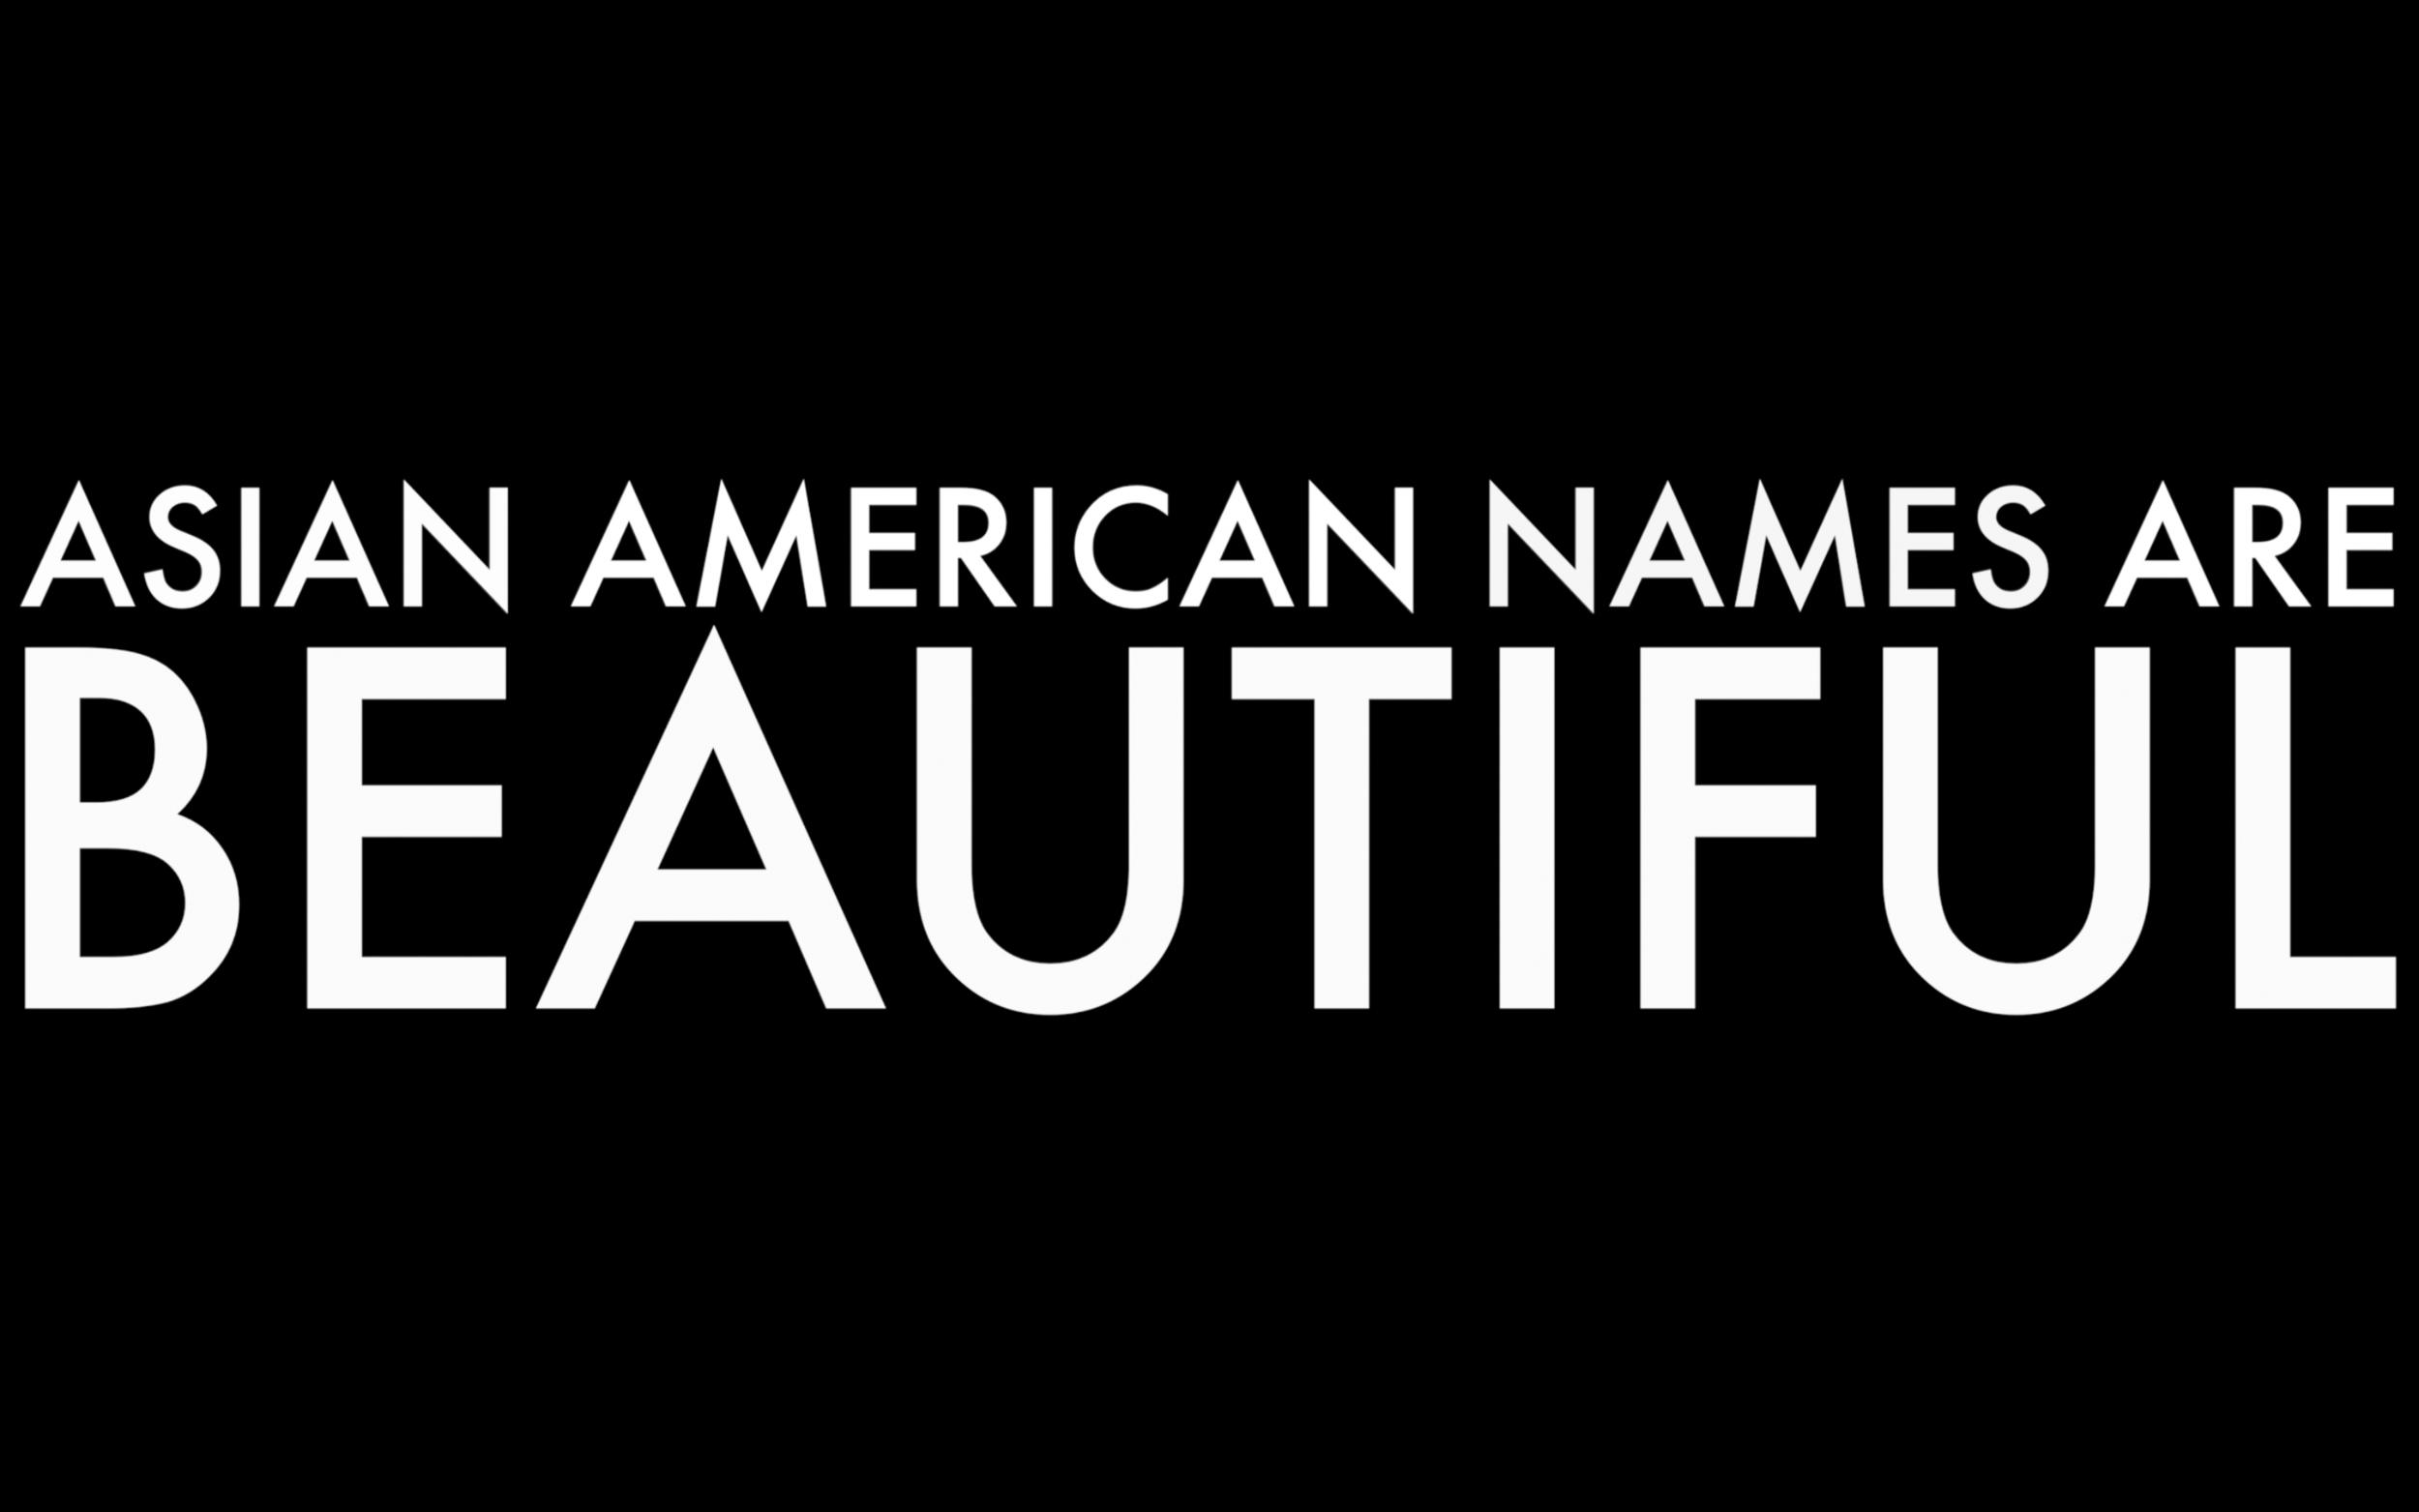 YOO_ASIAN_AMERICAN_NAMES_ARE_BEAUTIFUL_001.png